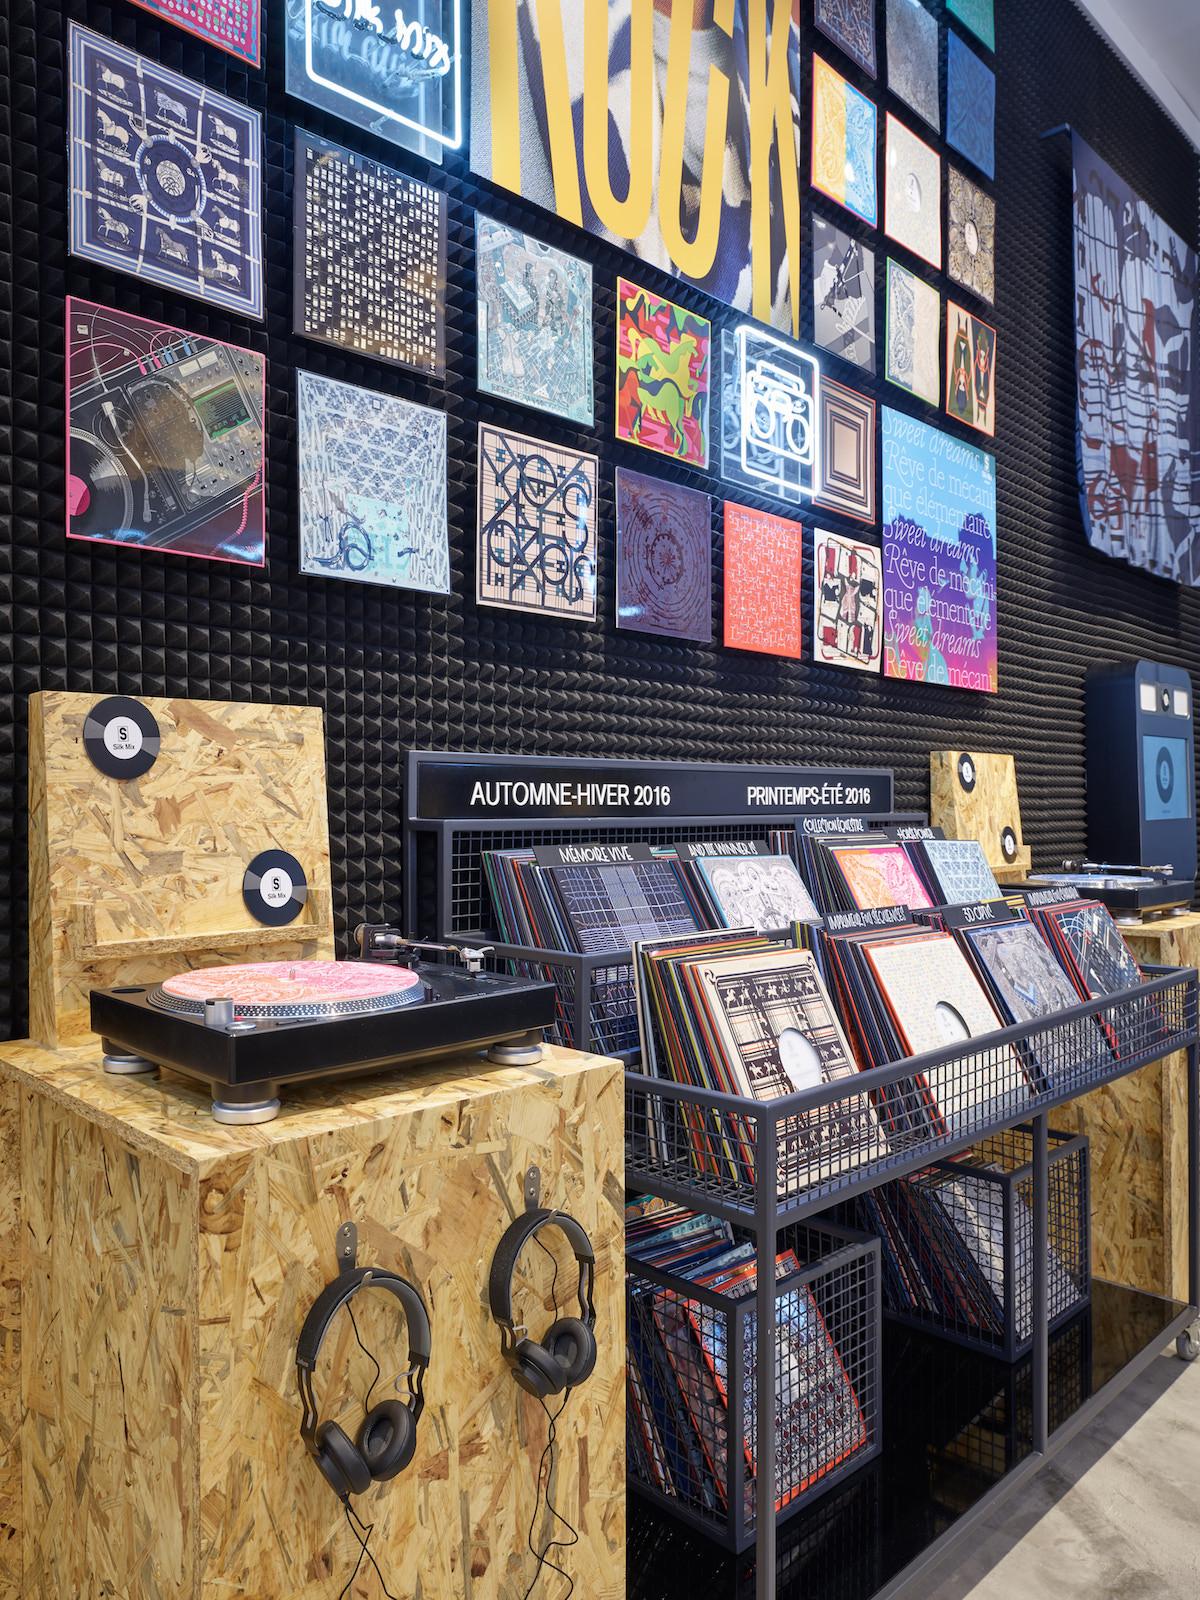 爱马仕4月底在台北开黑胶唱片行!封套是丝巾图案 免费入场听音乐